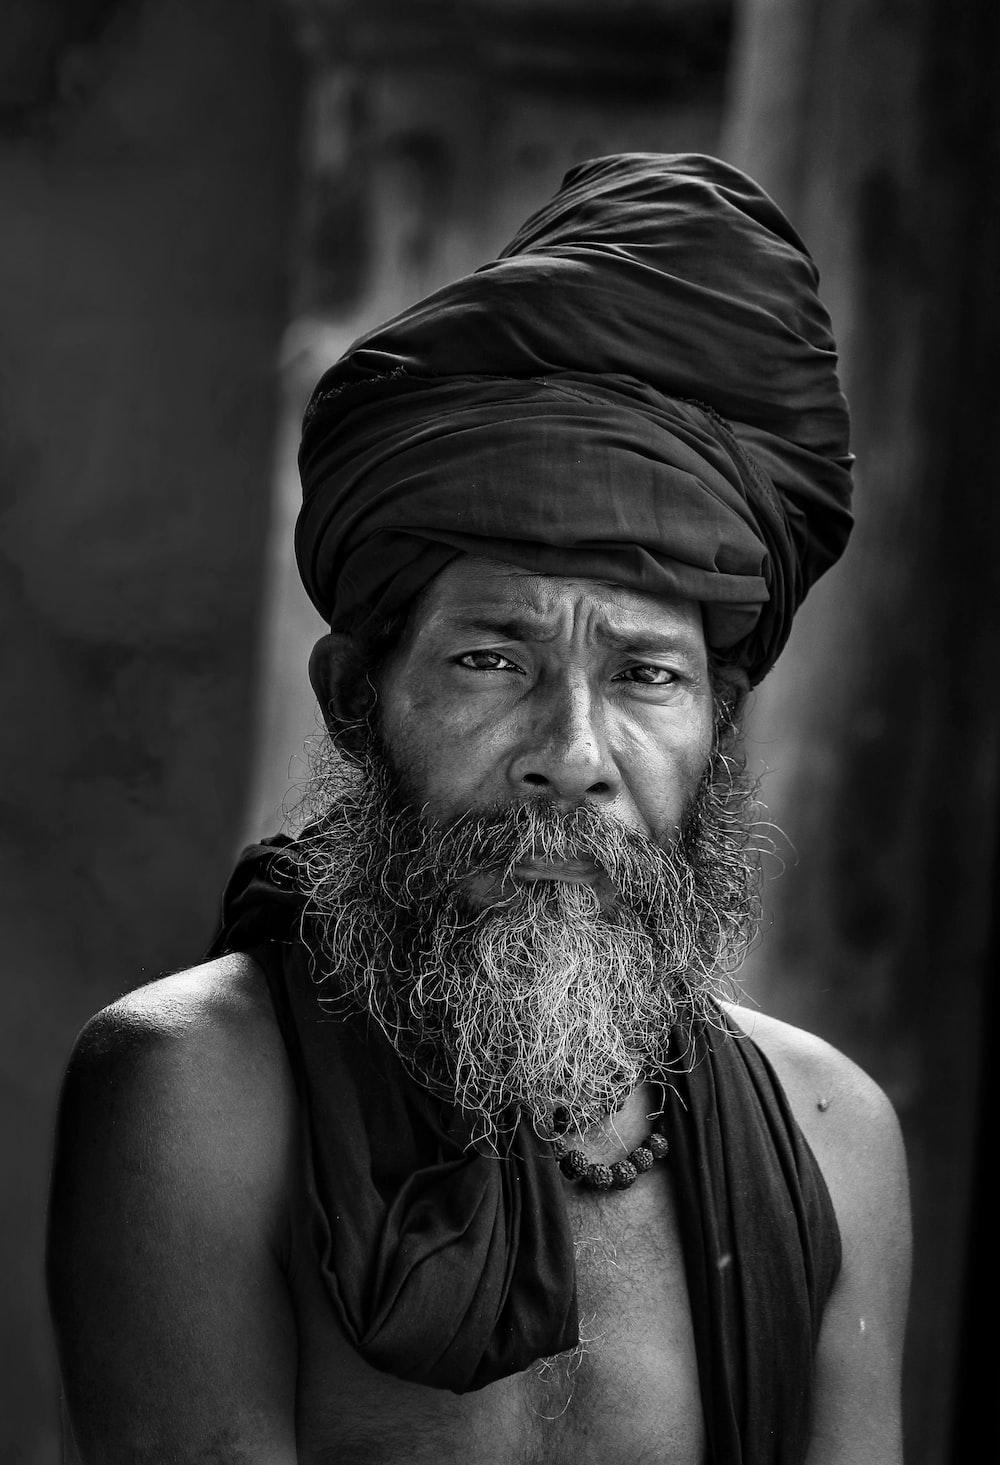 man wearing black turban hat